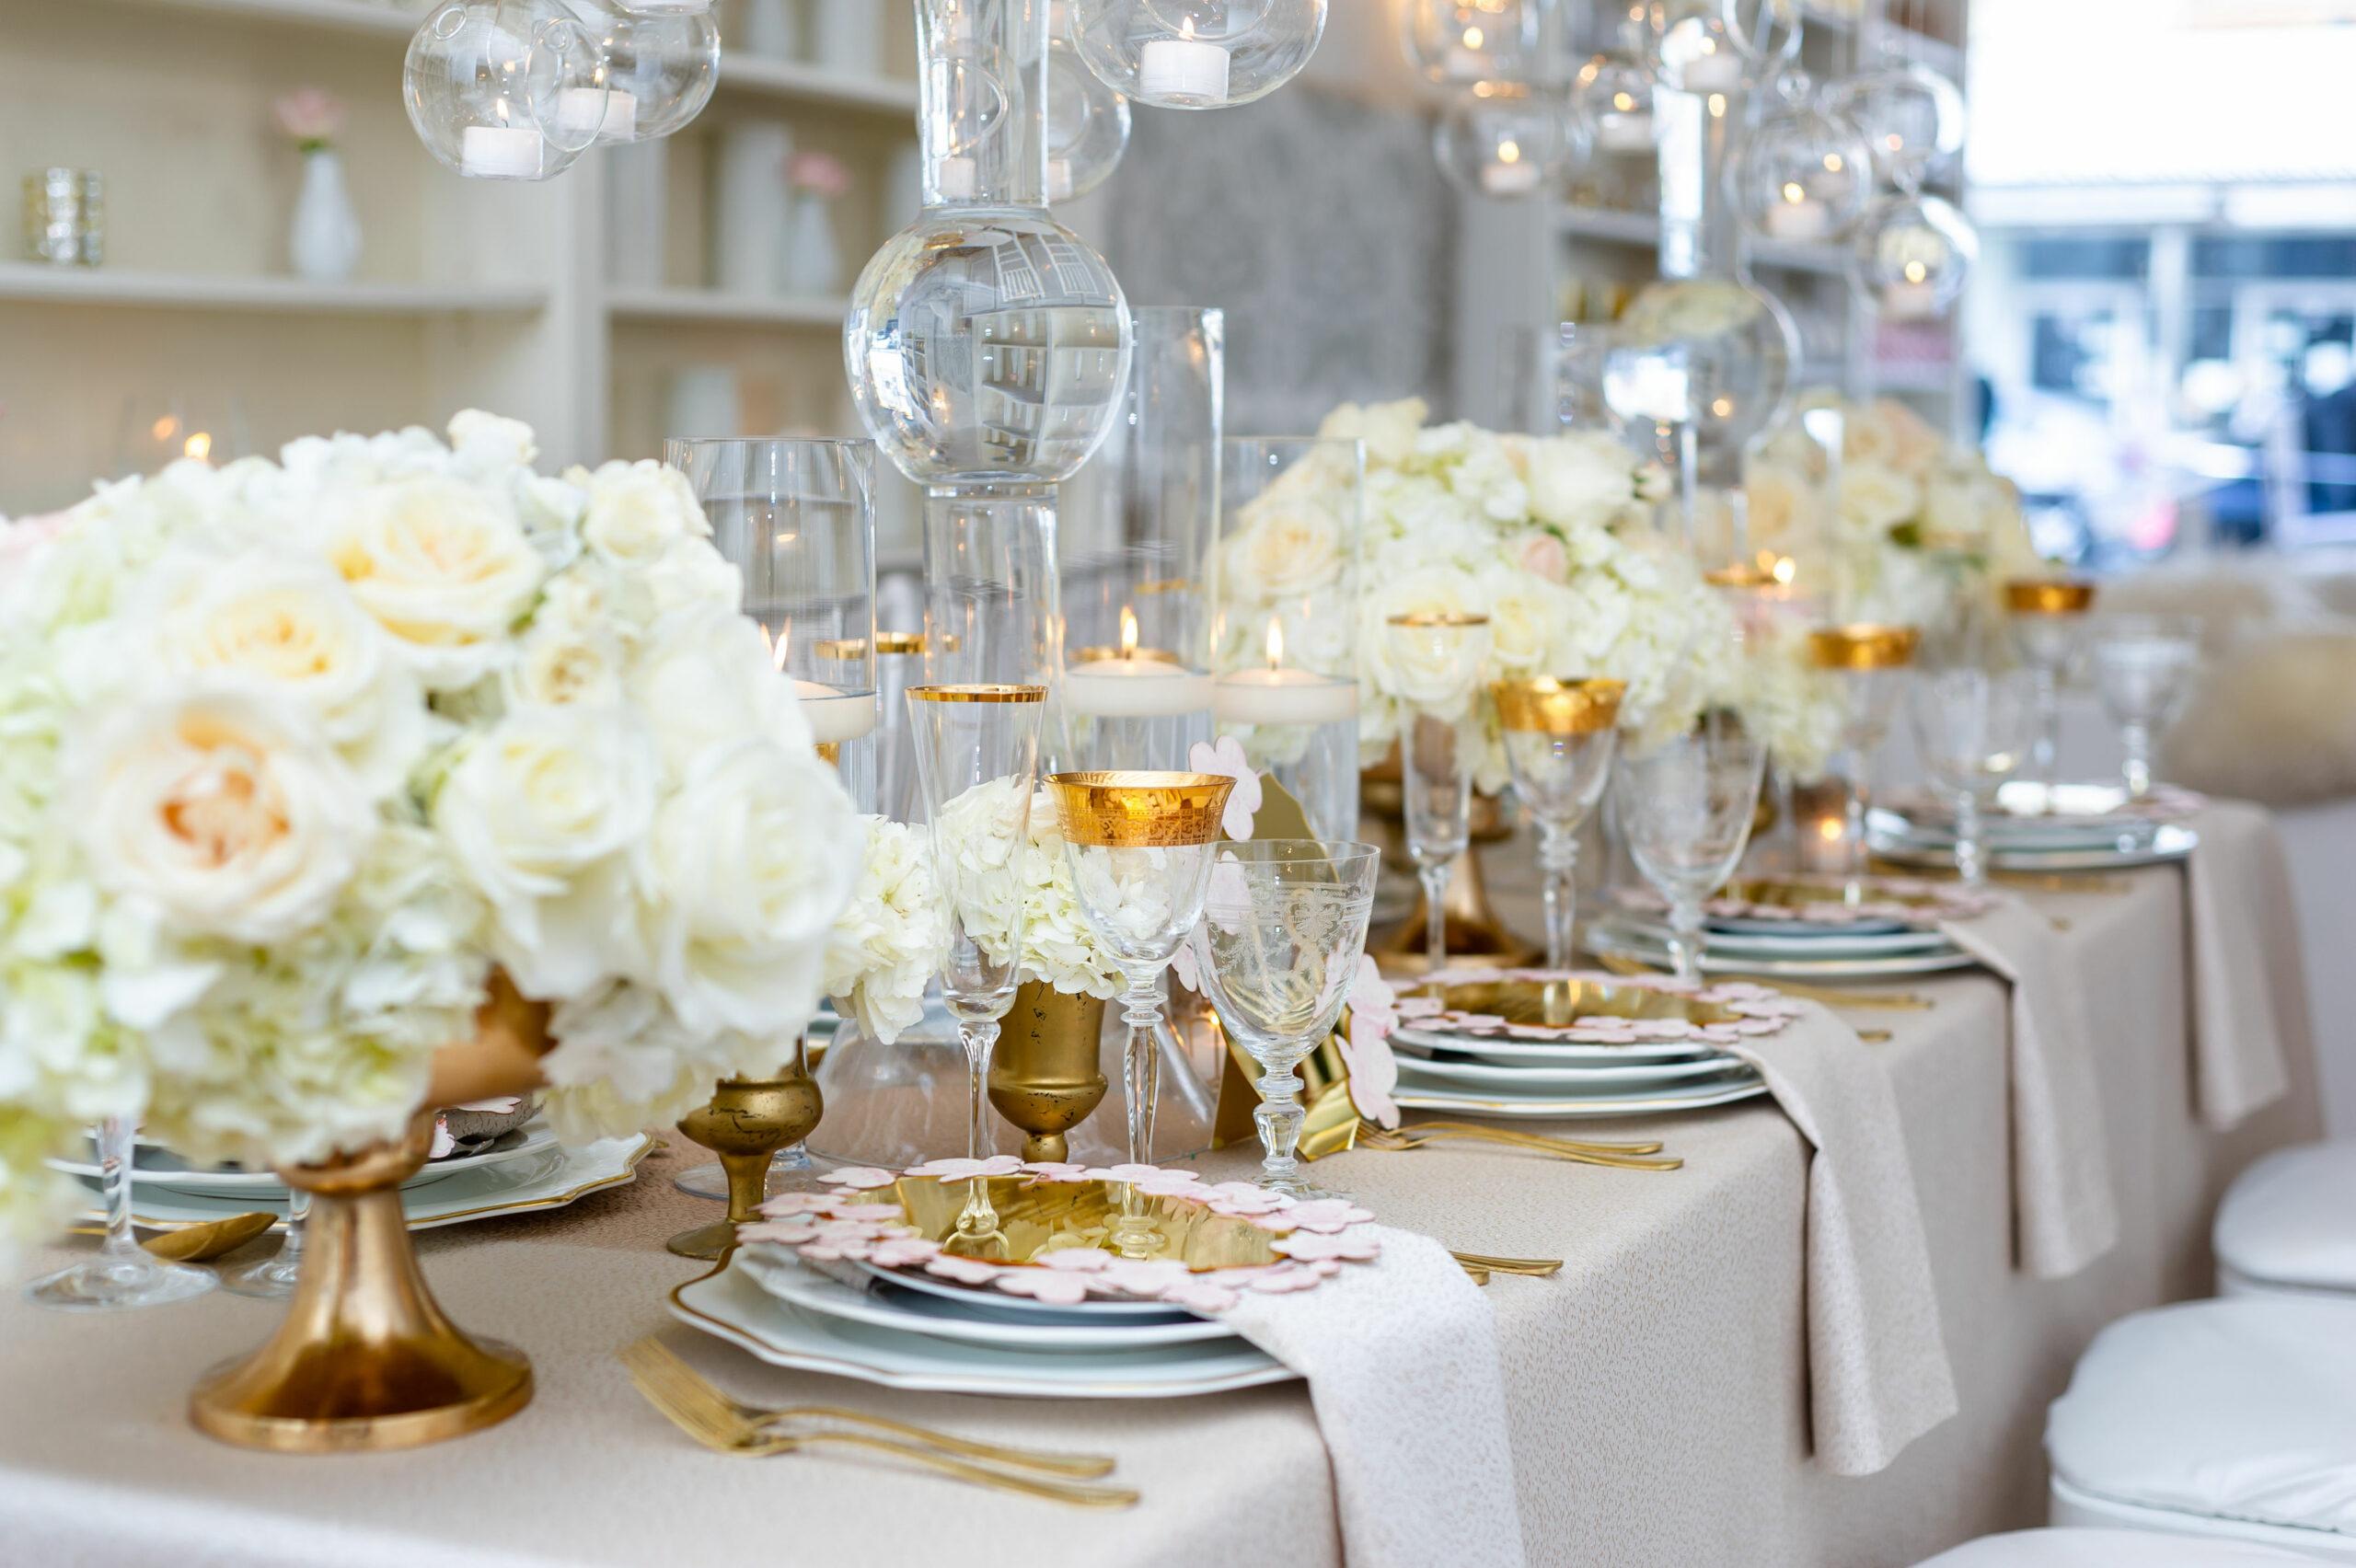 White cream wedding centerpiece